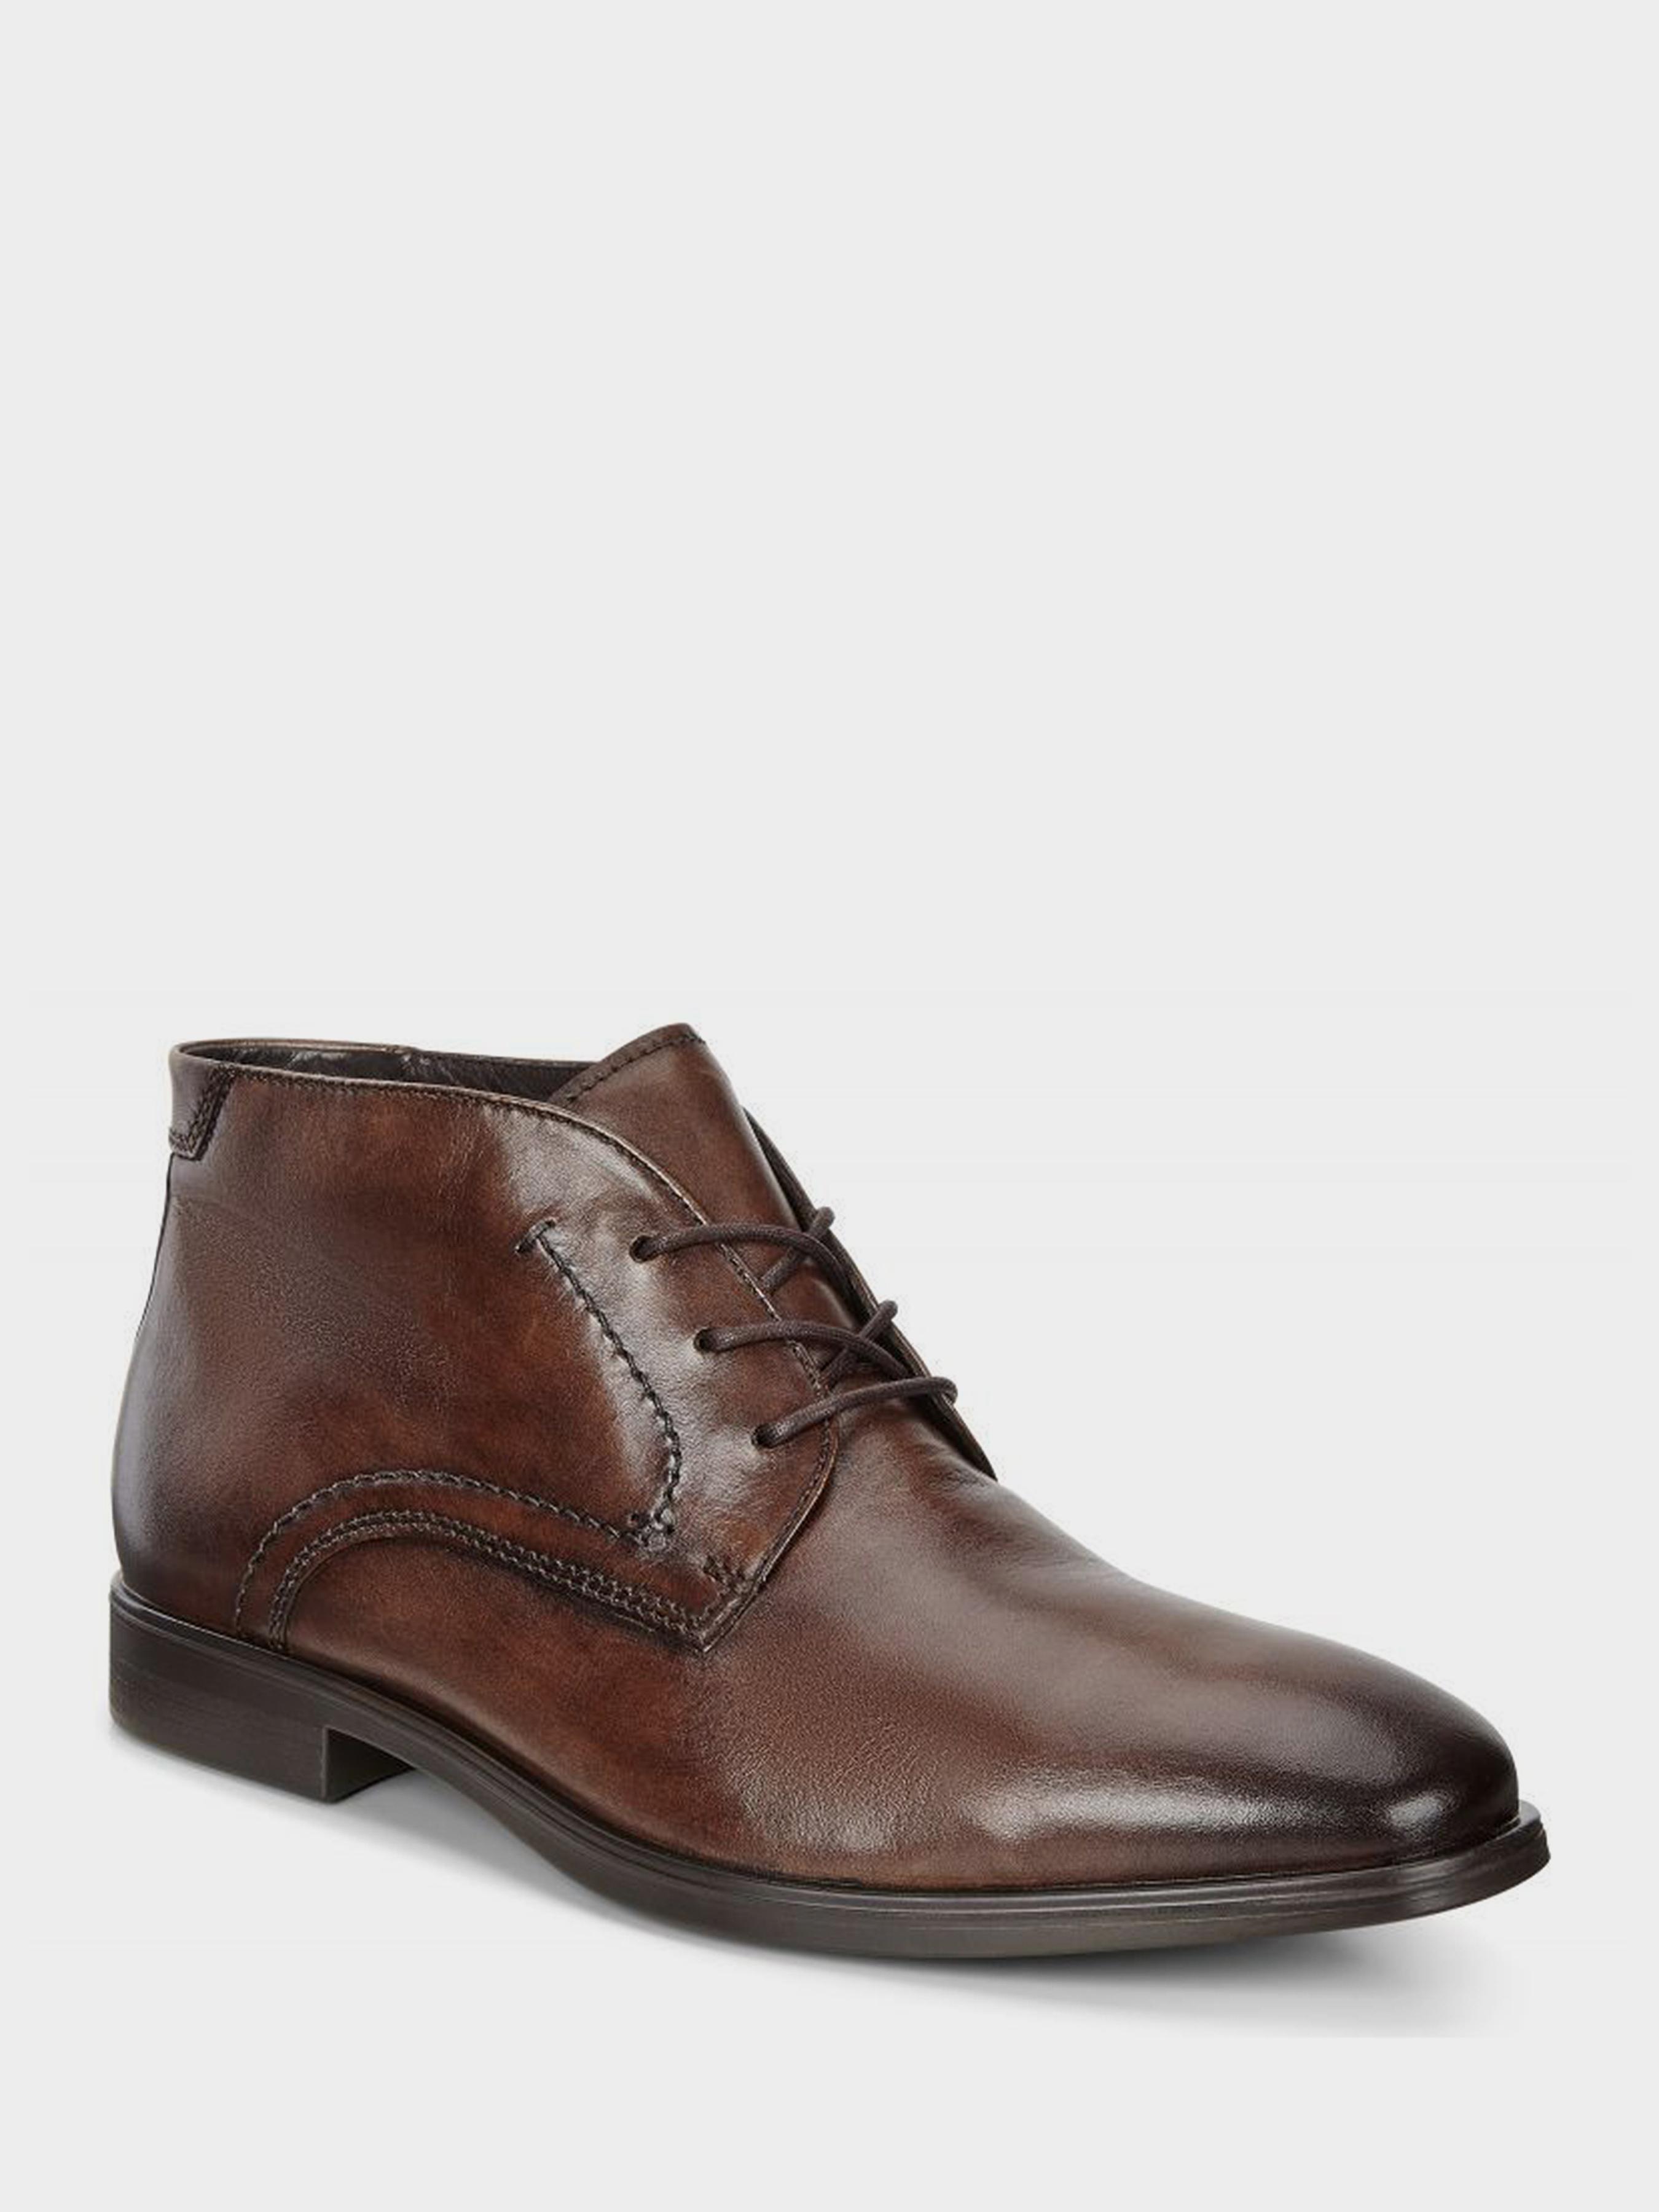 Купить Ботинки мужские ECCO MELBOURNE ZM3994, Коричневый